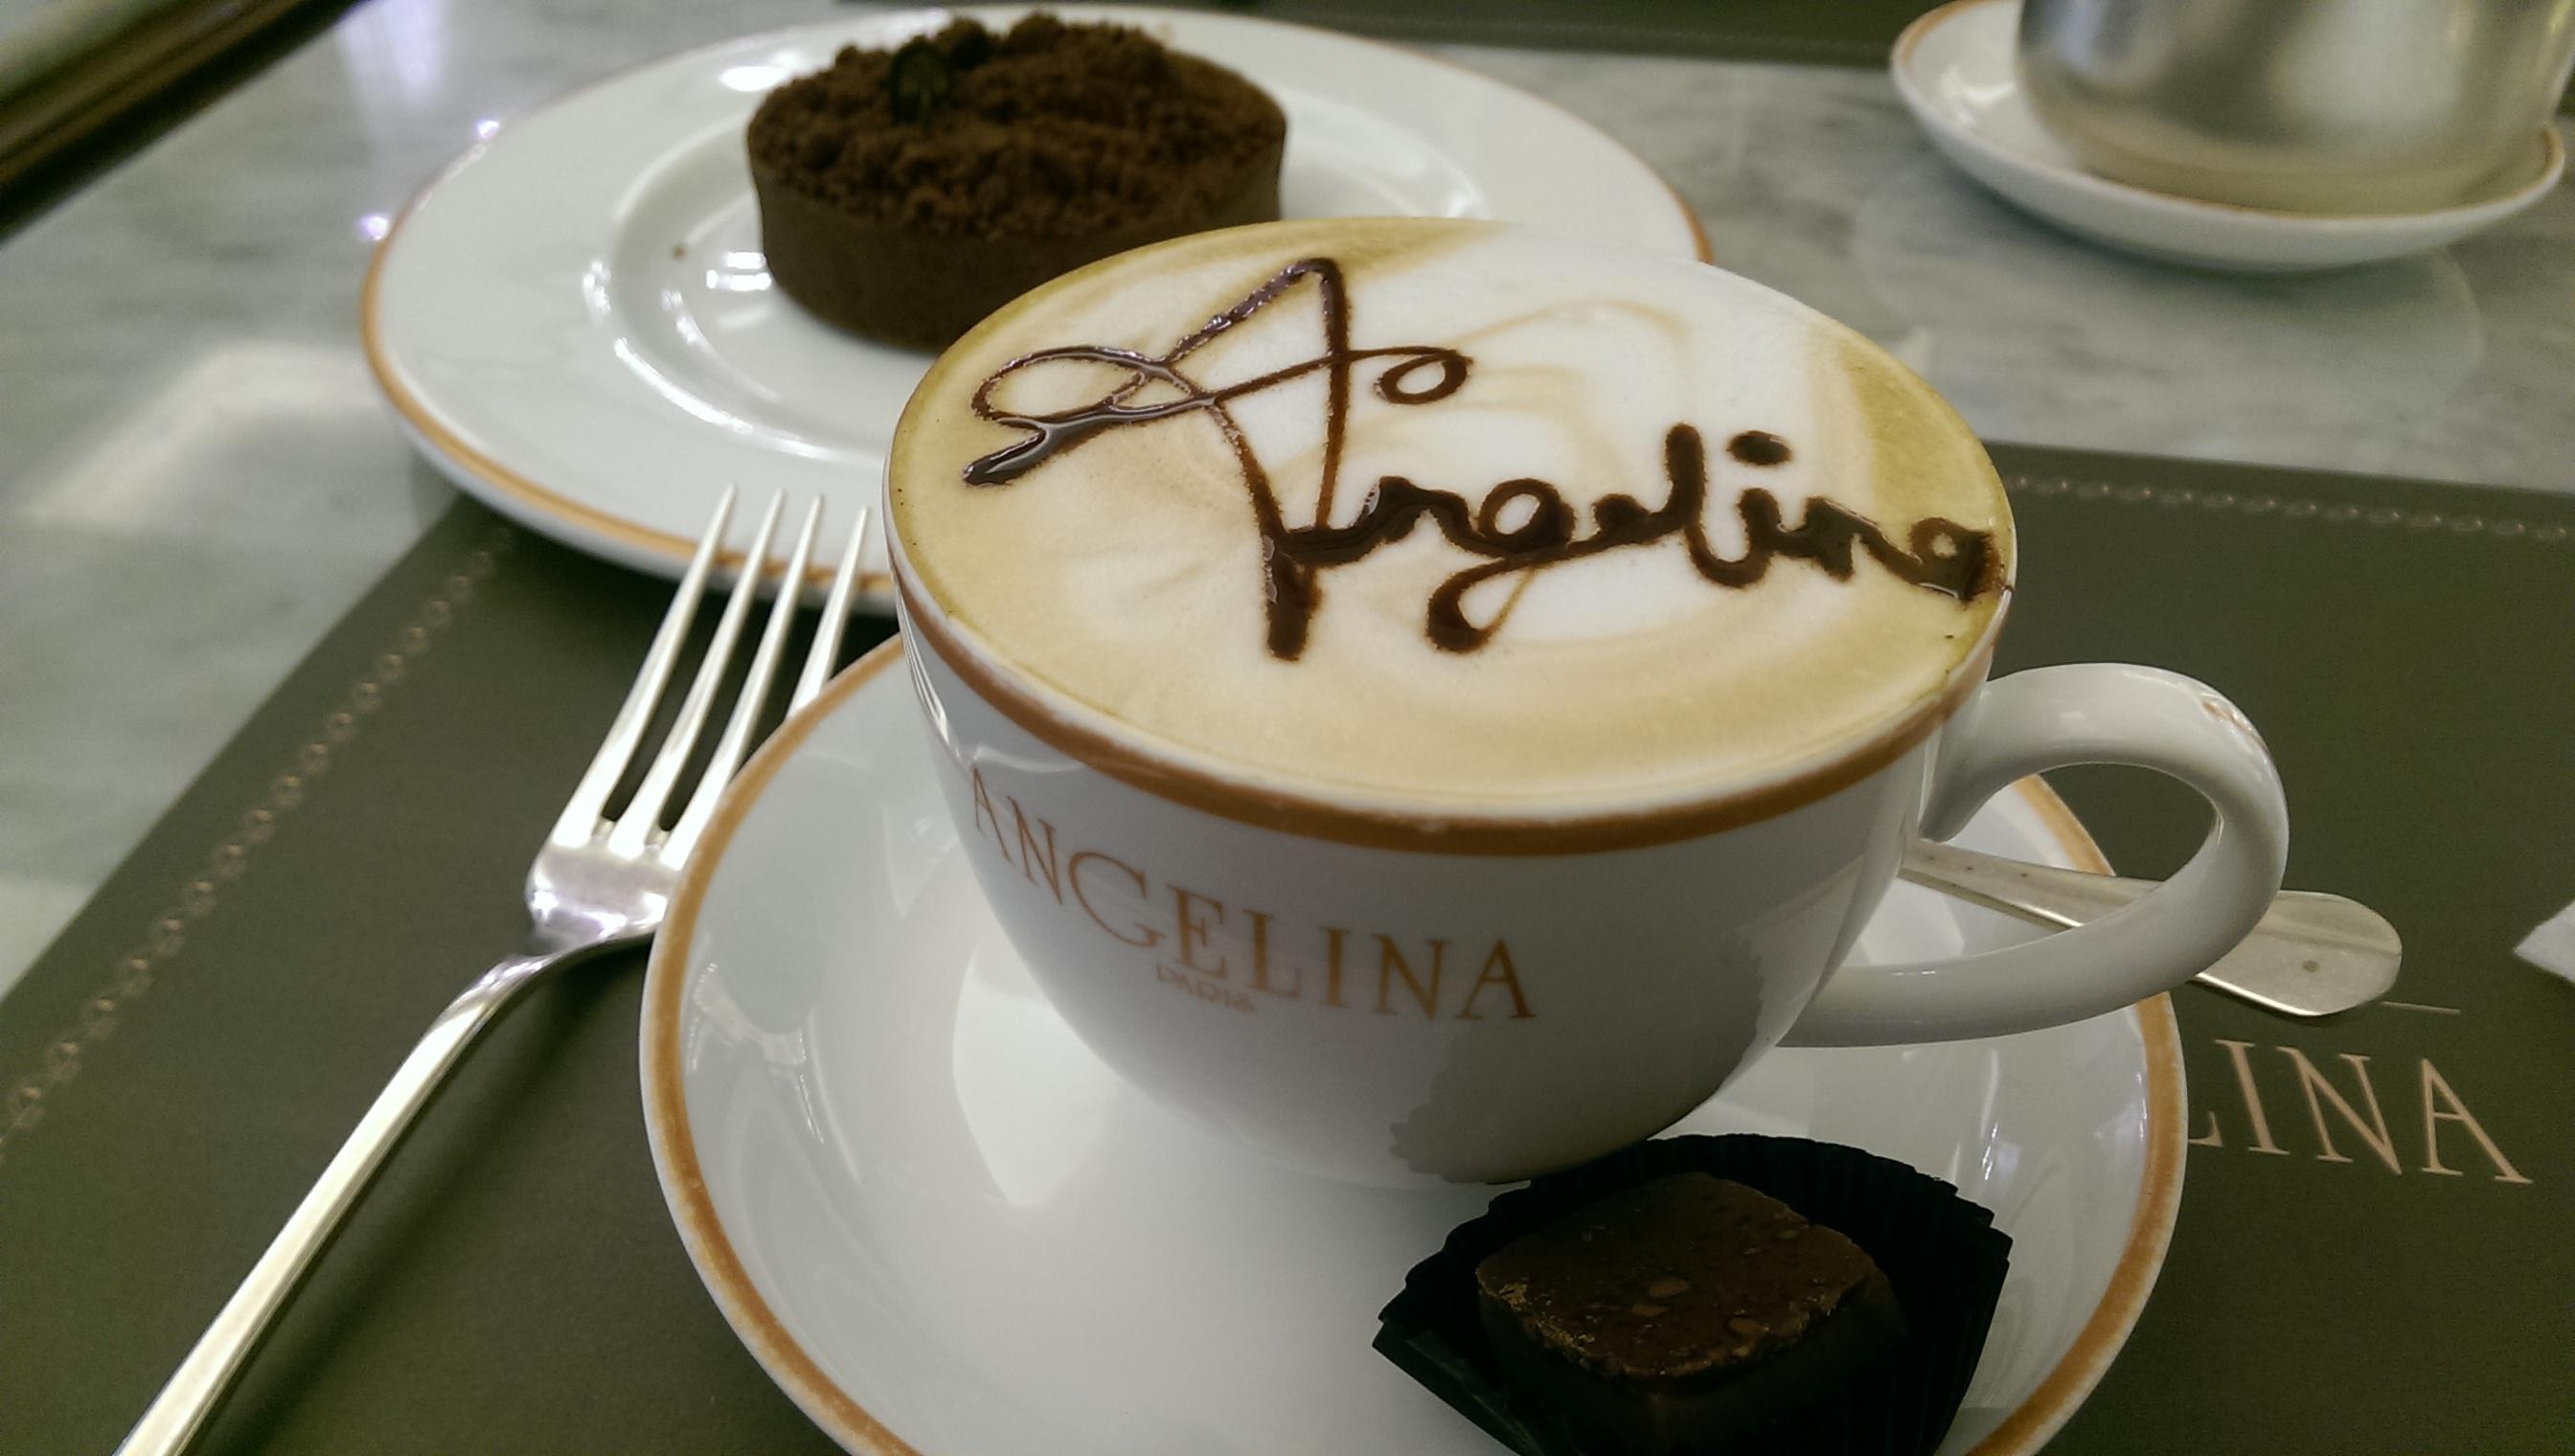 Mocha-chino at Angelina Cafe MOE